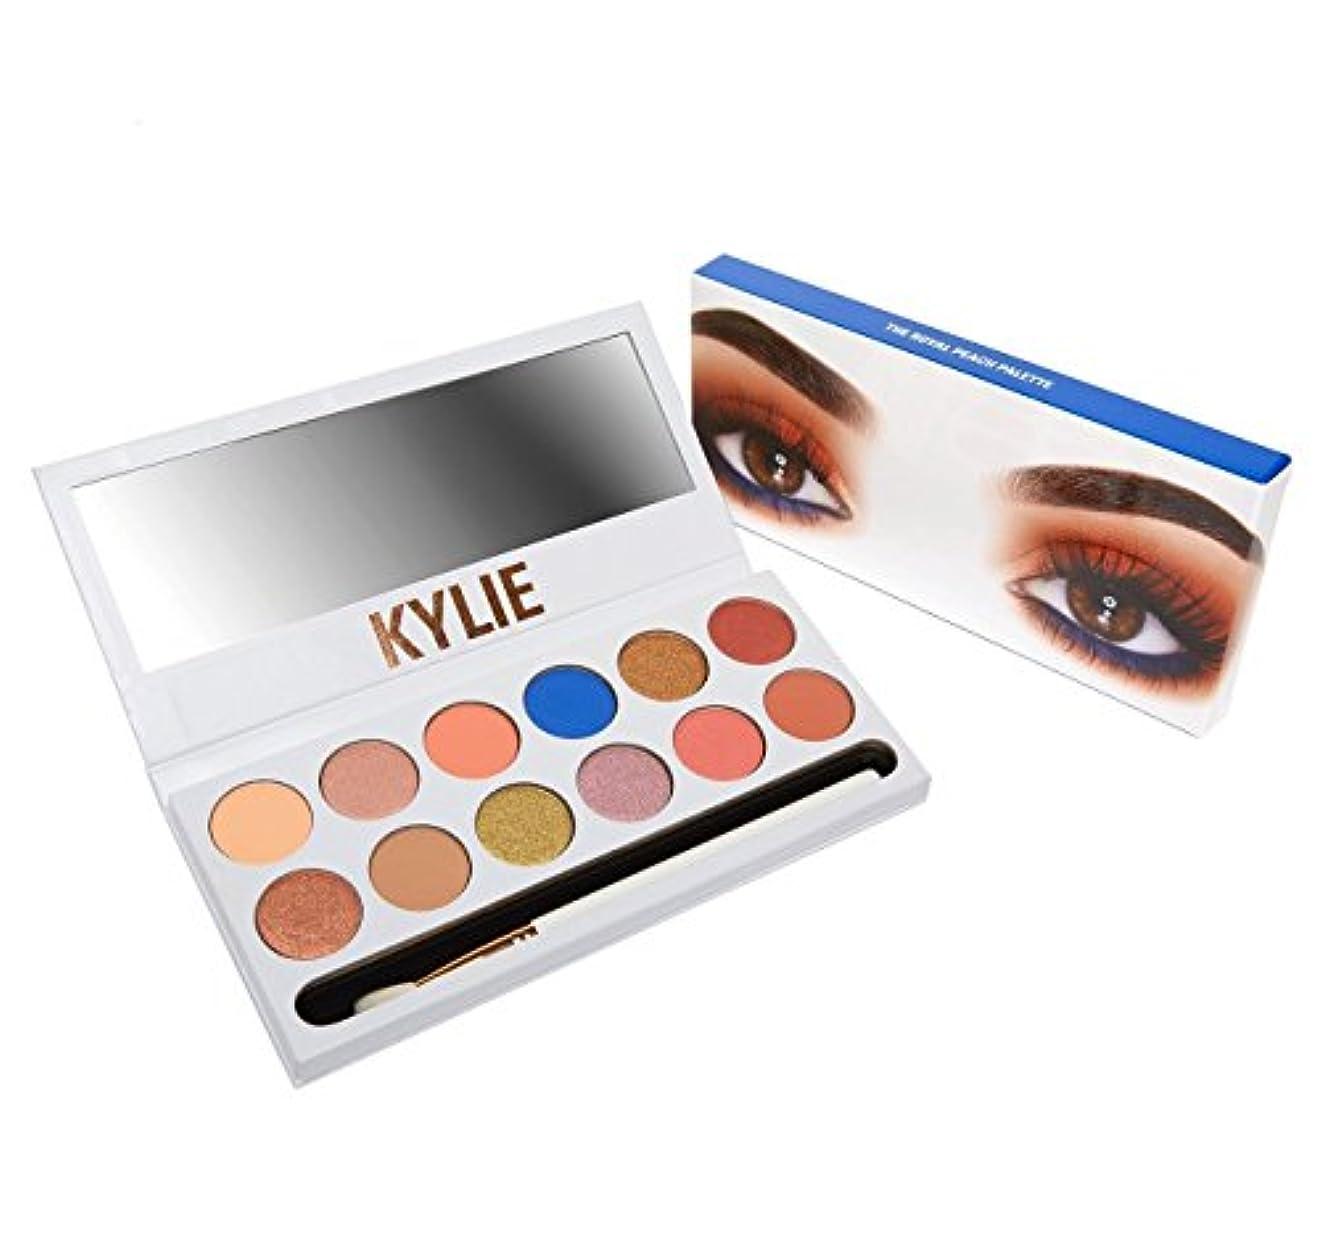 ドル広告ためにKylie Cosmetics(カイリーコスメティック)THE ROYAL PEACH PALETTE